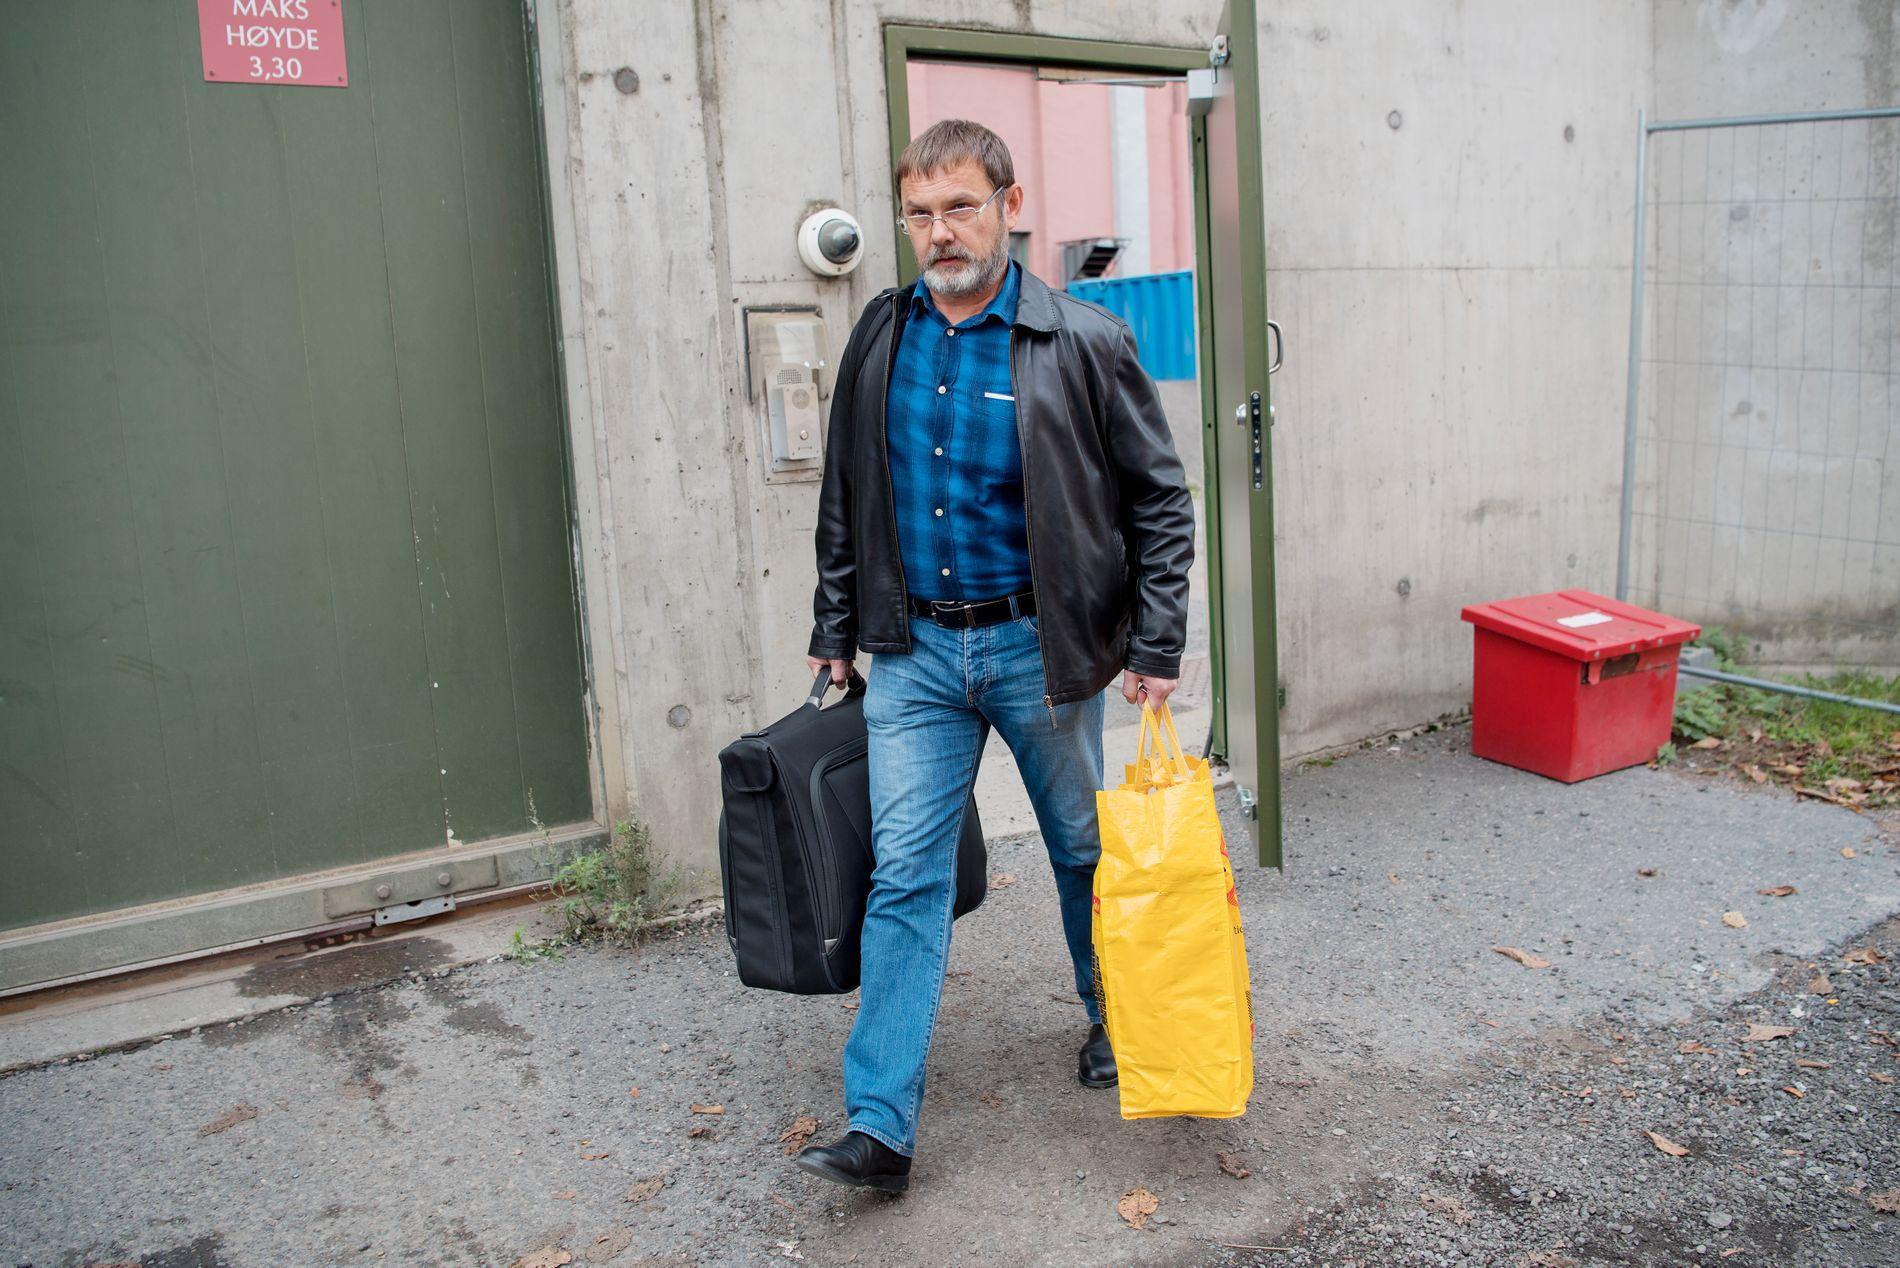 LØSLATT: 19. oktober slapp Mikhail Botsjkarjov ut av fengselet i Oslo.